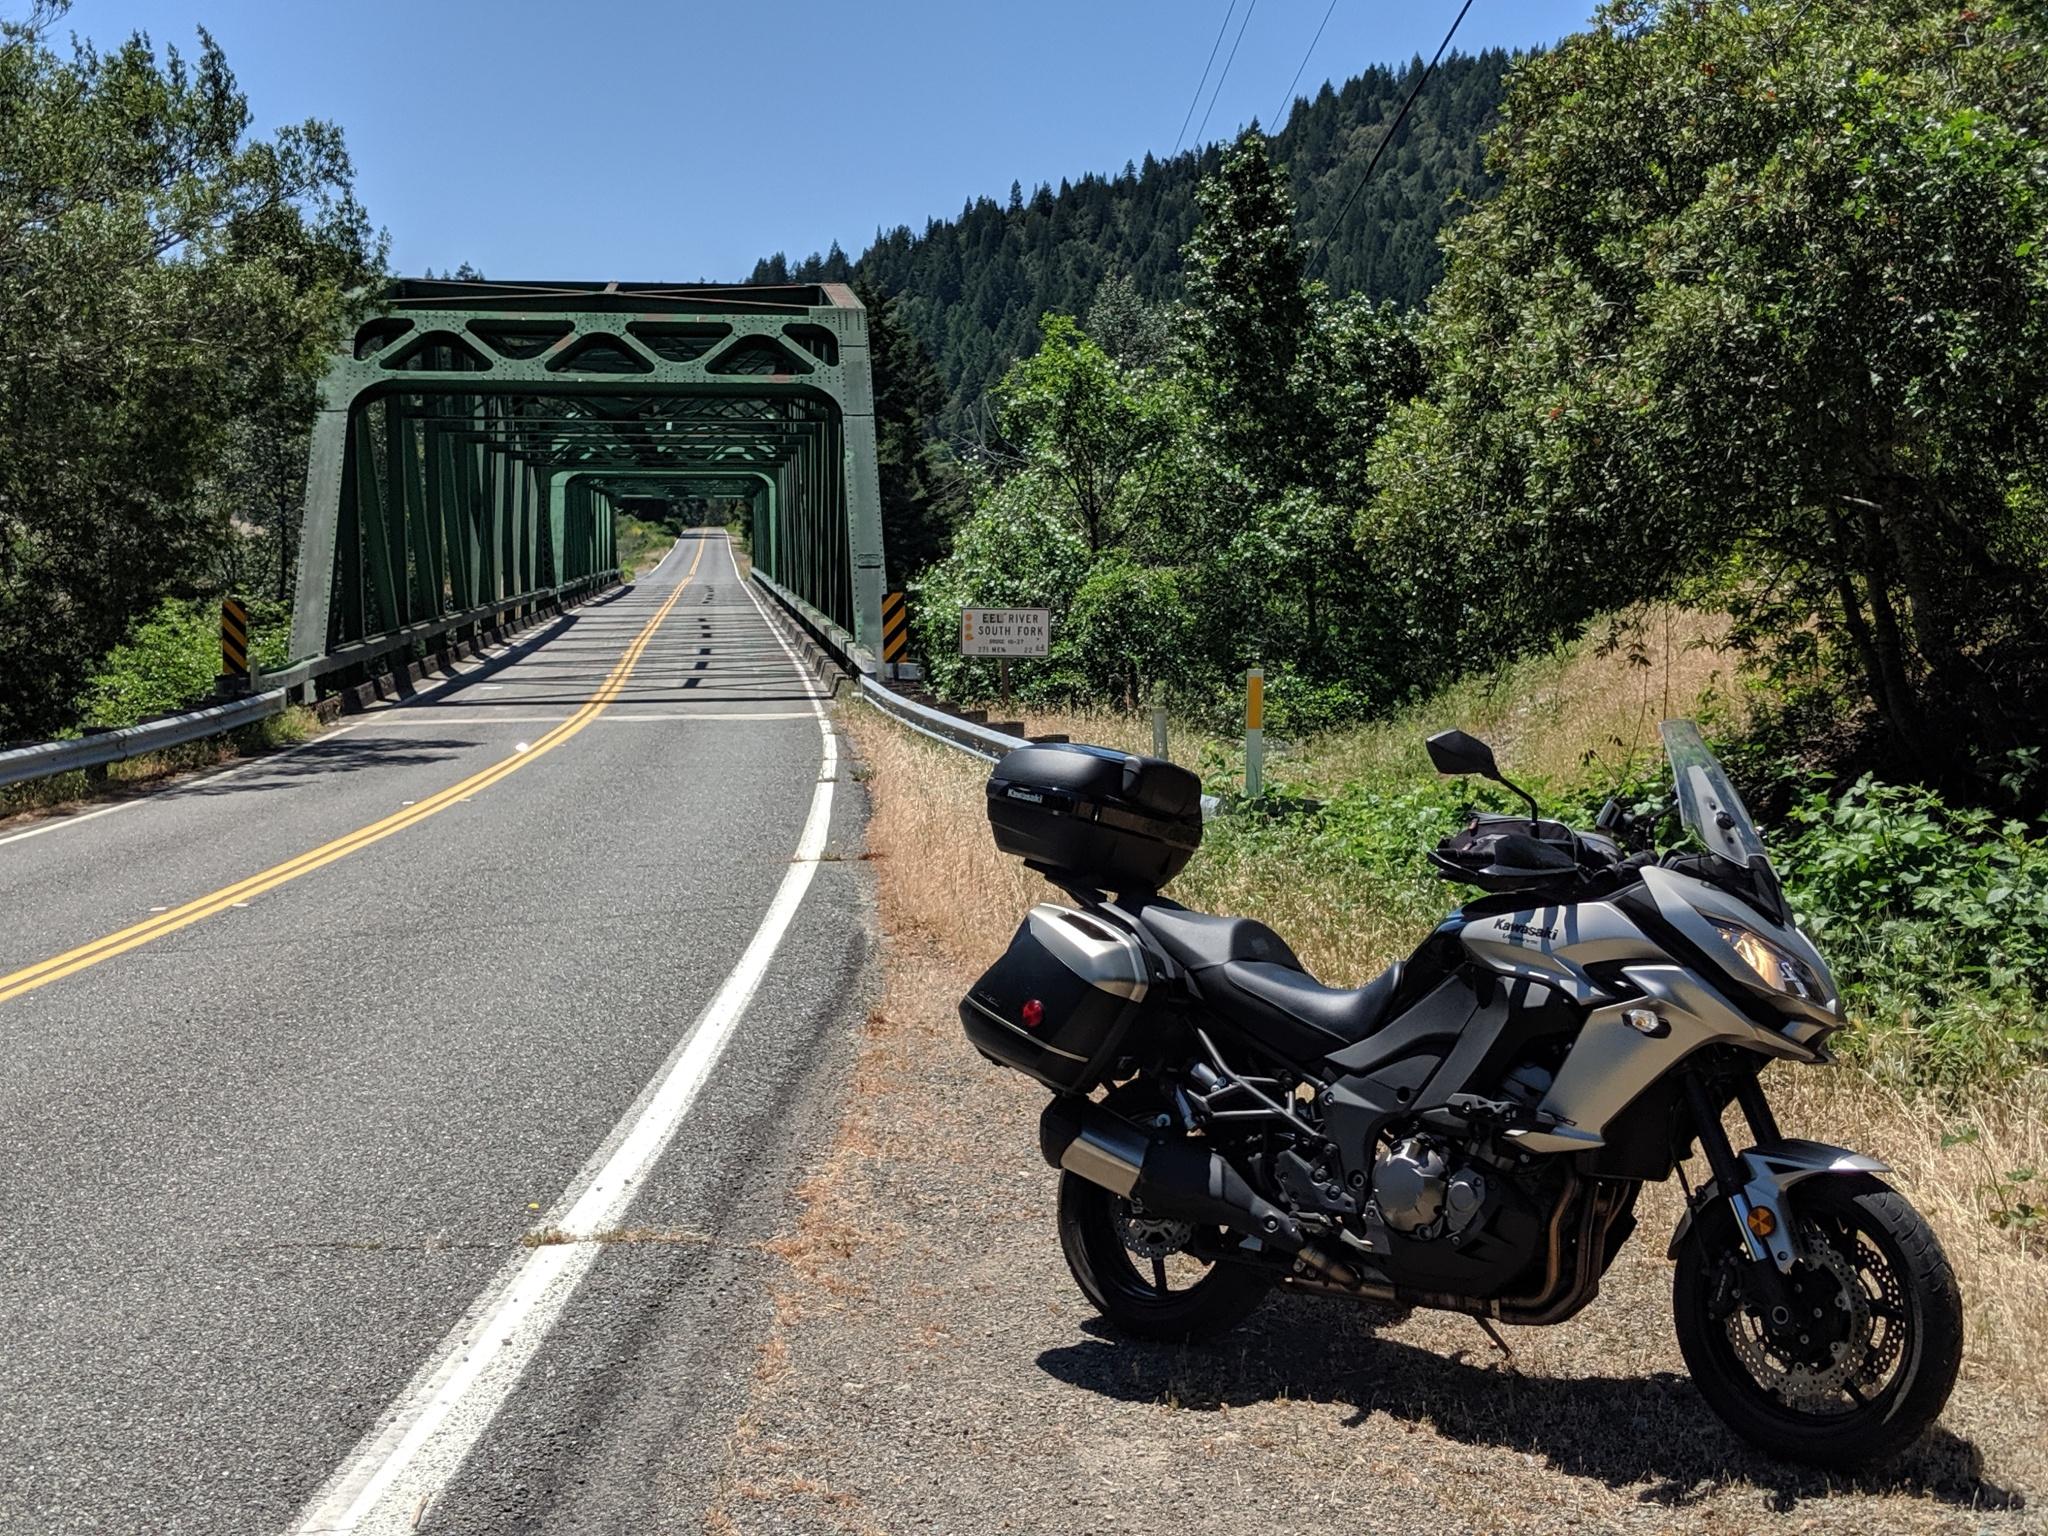 Il Ponte sul South Fork Eel River a Cooks Valley, CA. La Kawasaki Versys sempre in primo piano.